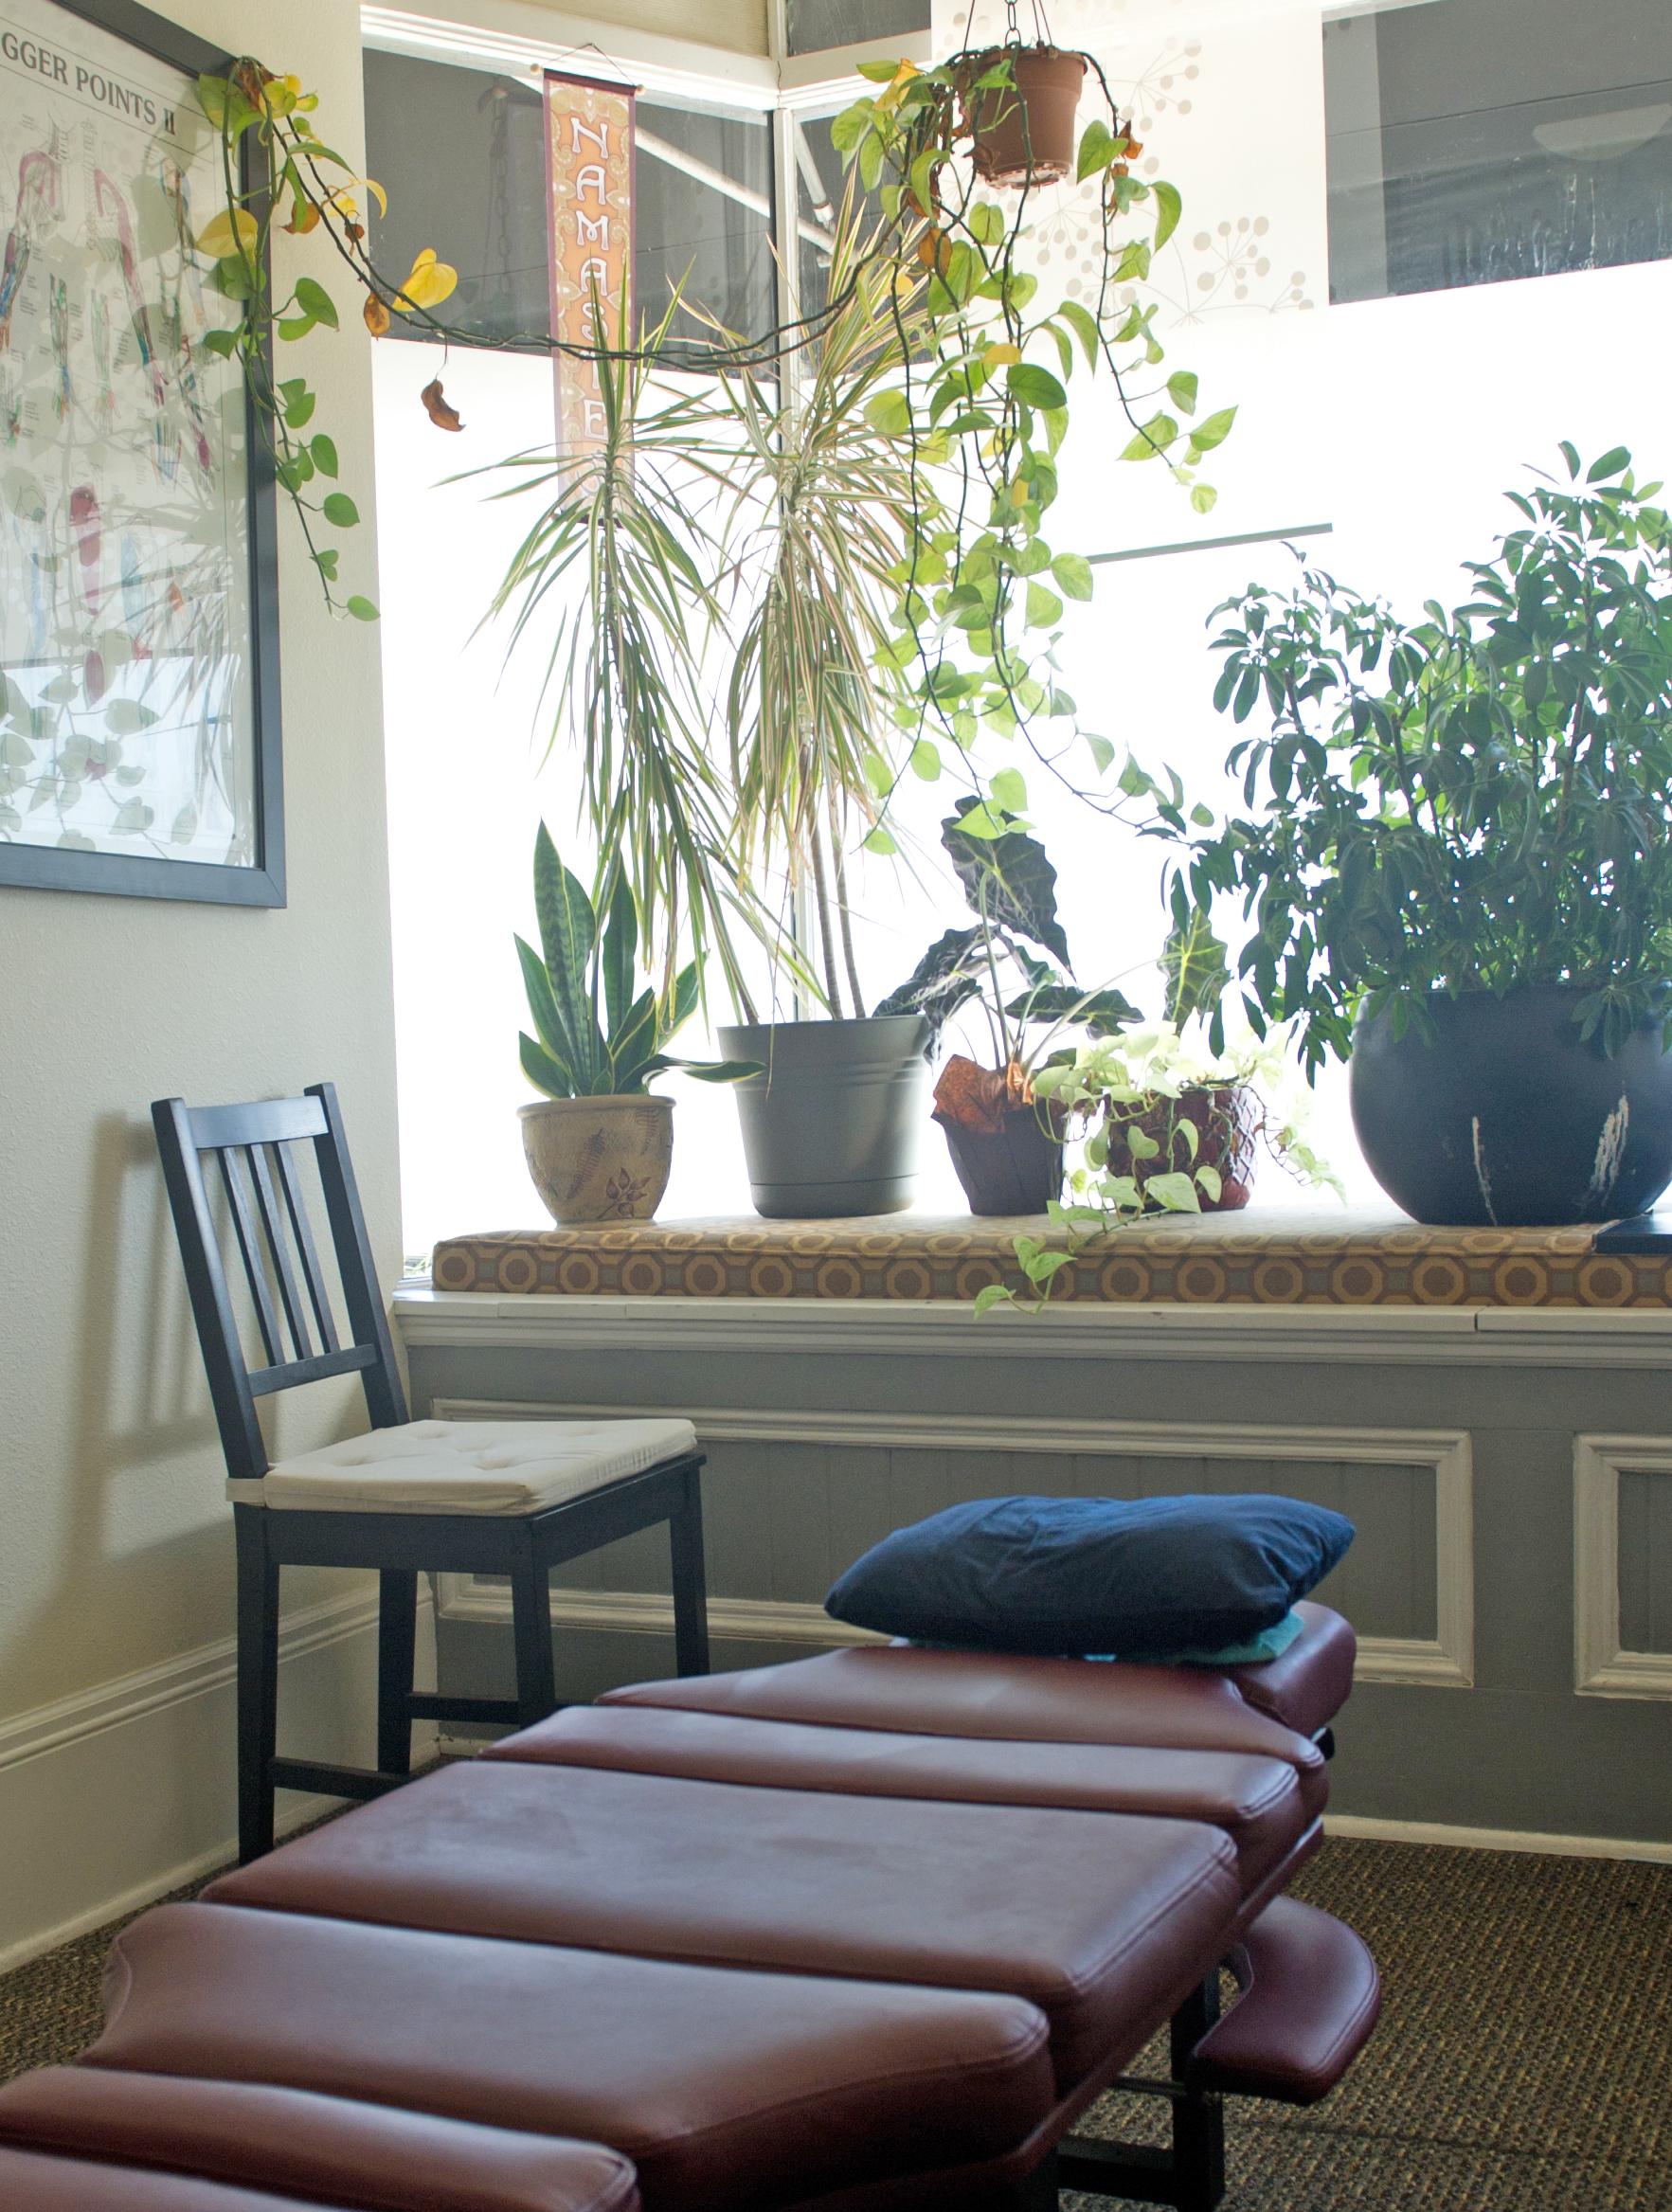 Kenton Wellness Cooperative offers Chiropractic medicine